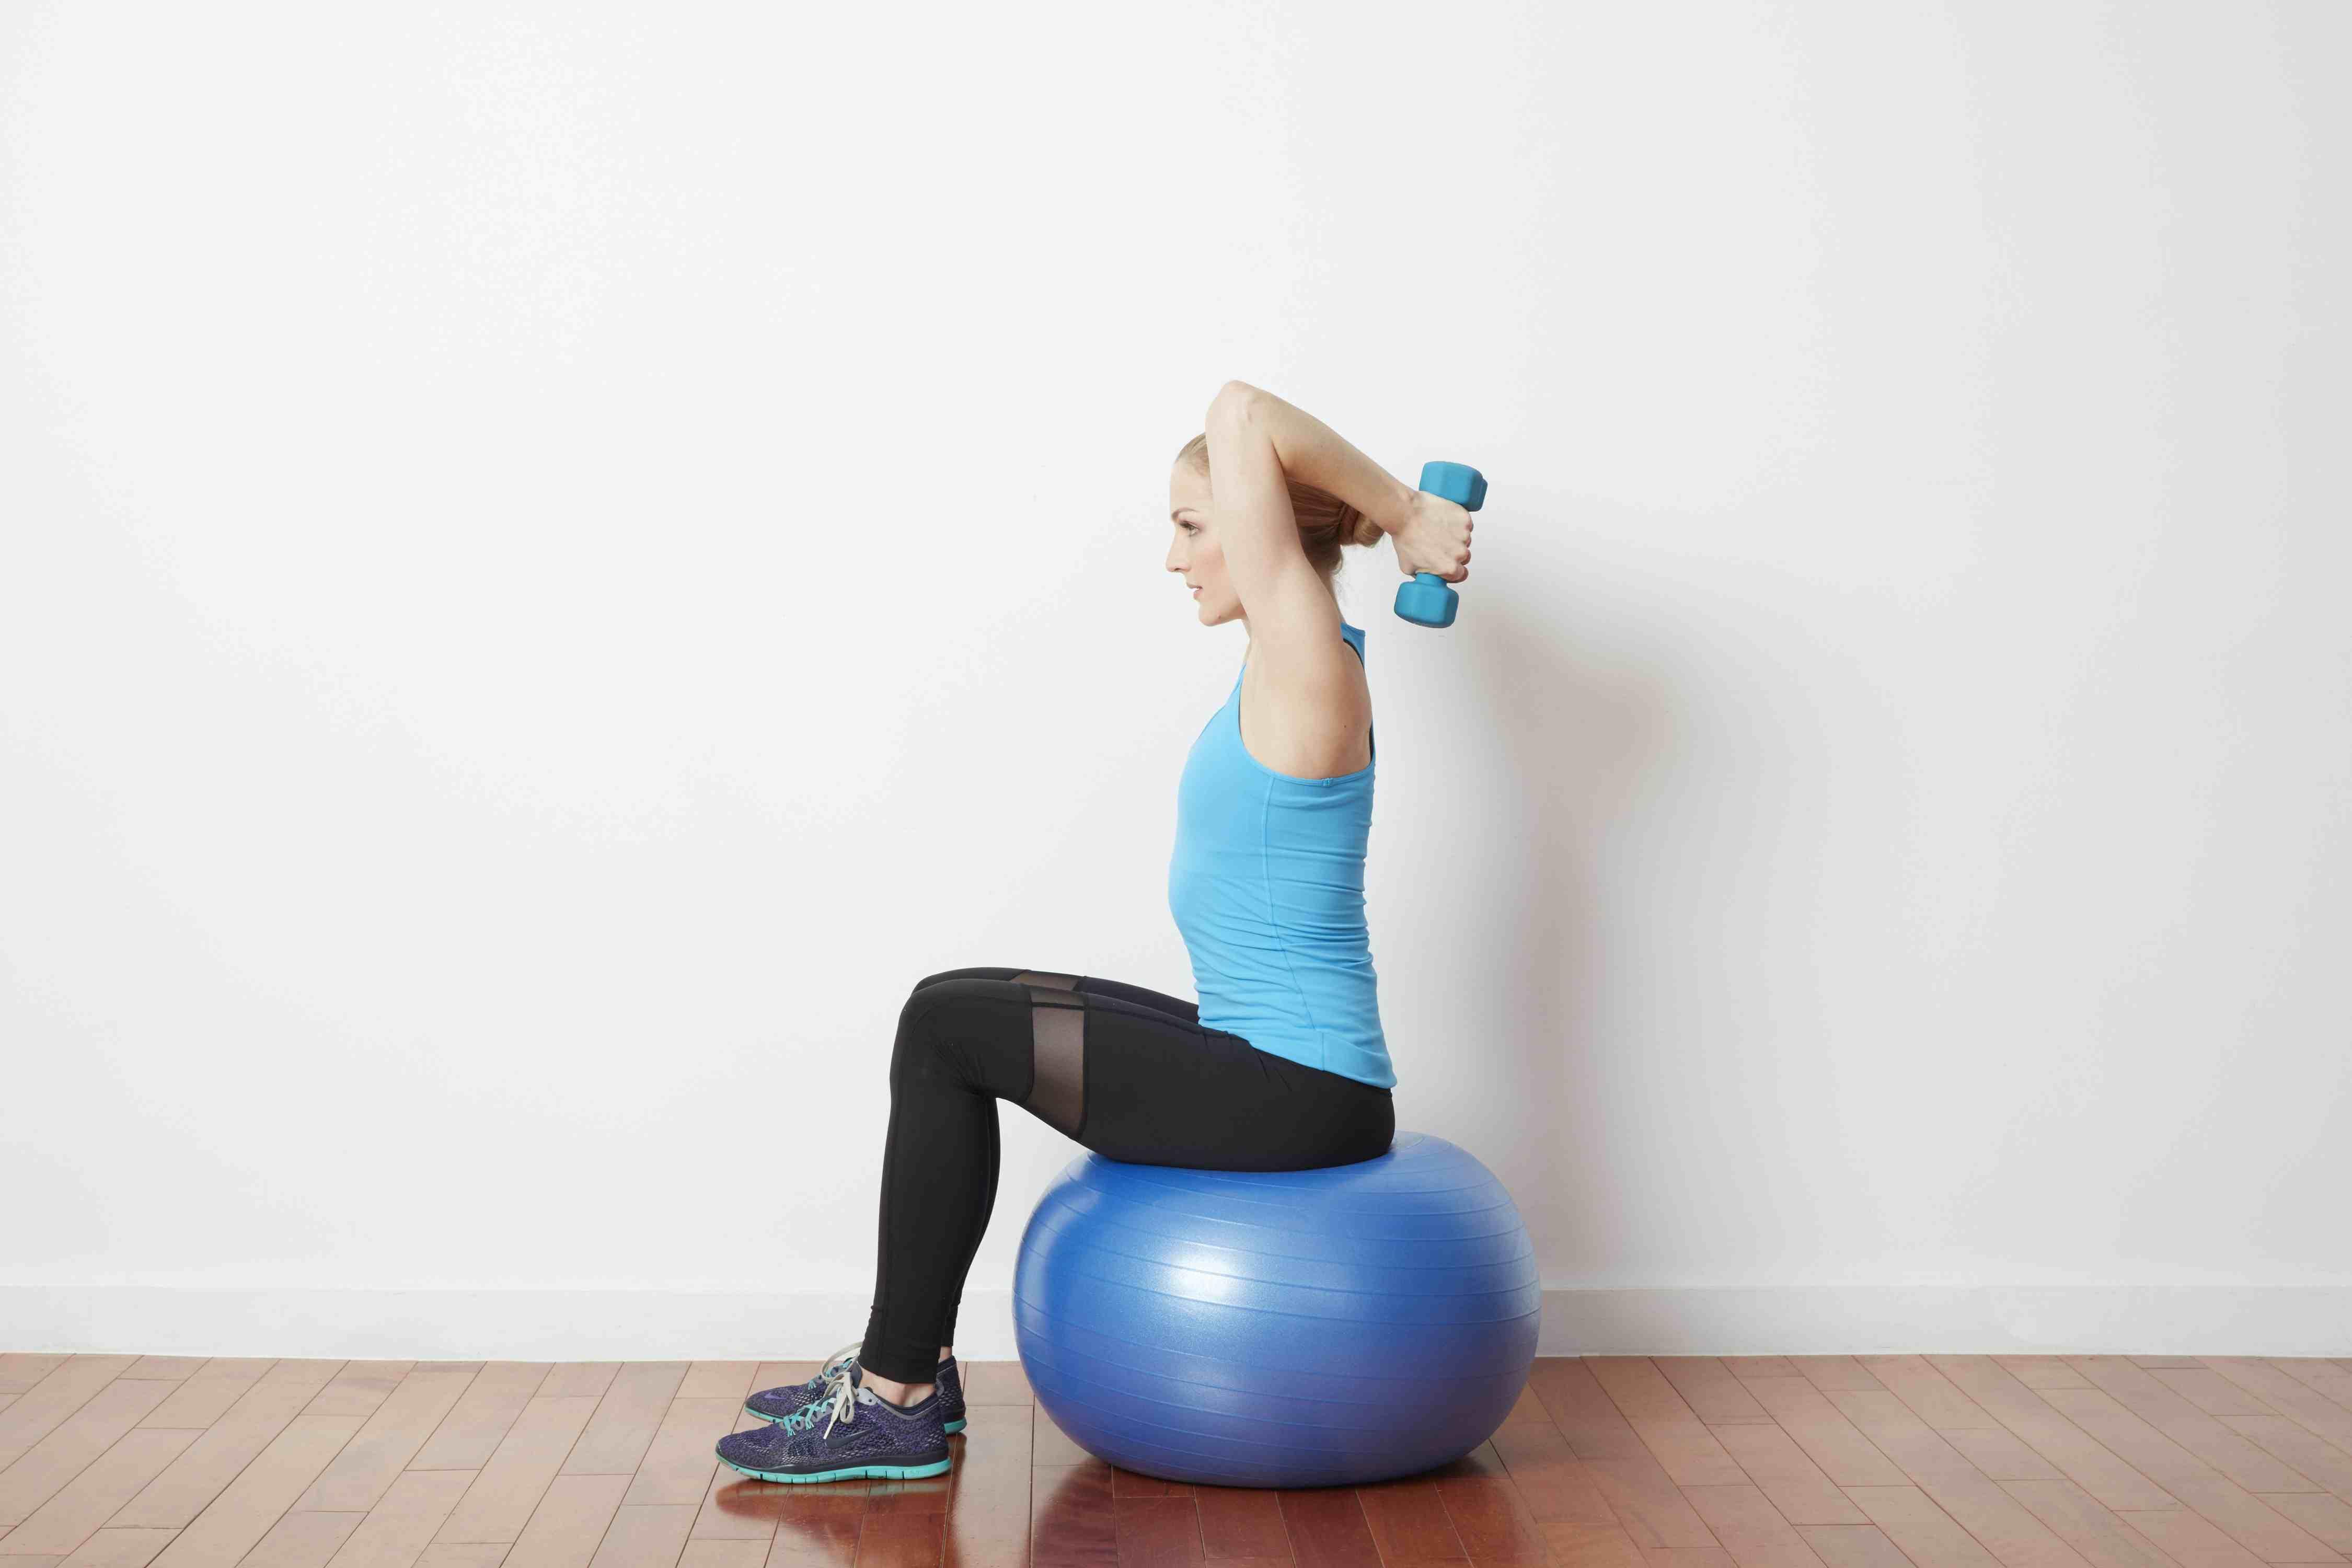 Extensión de tríceps en una pelota de ejercicios